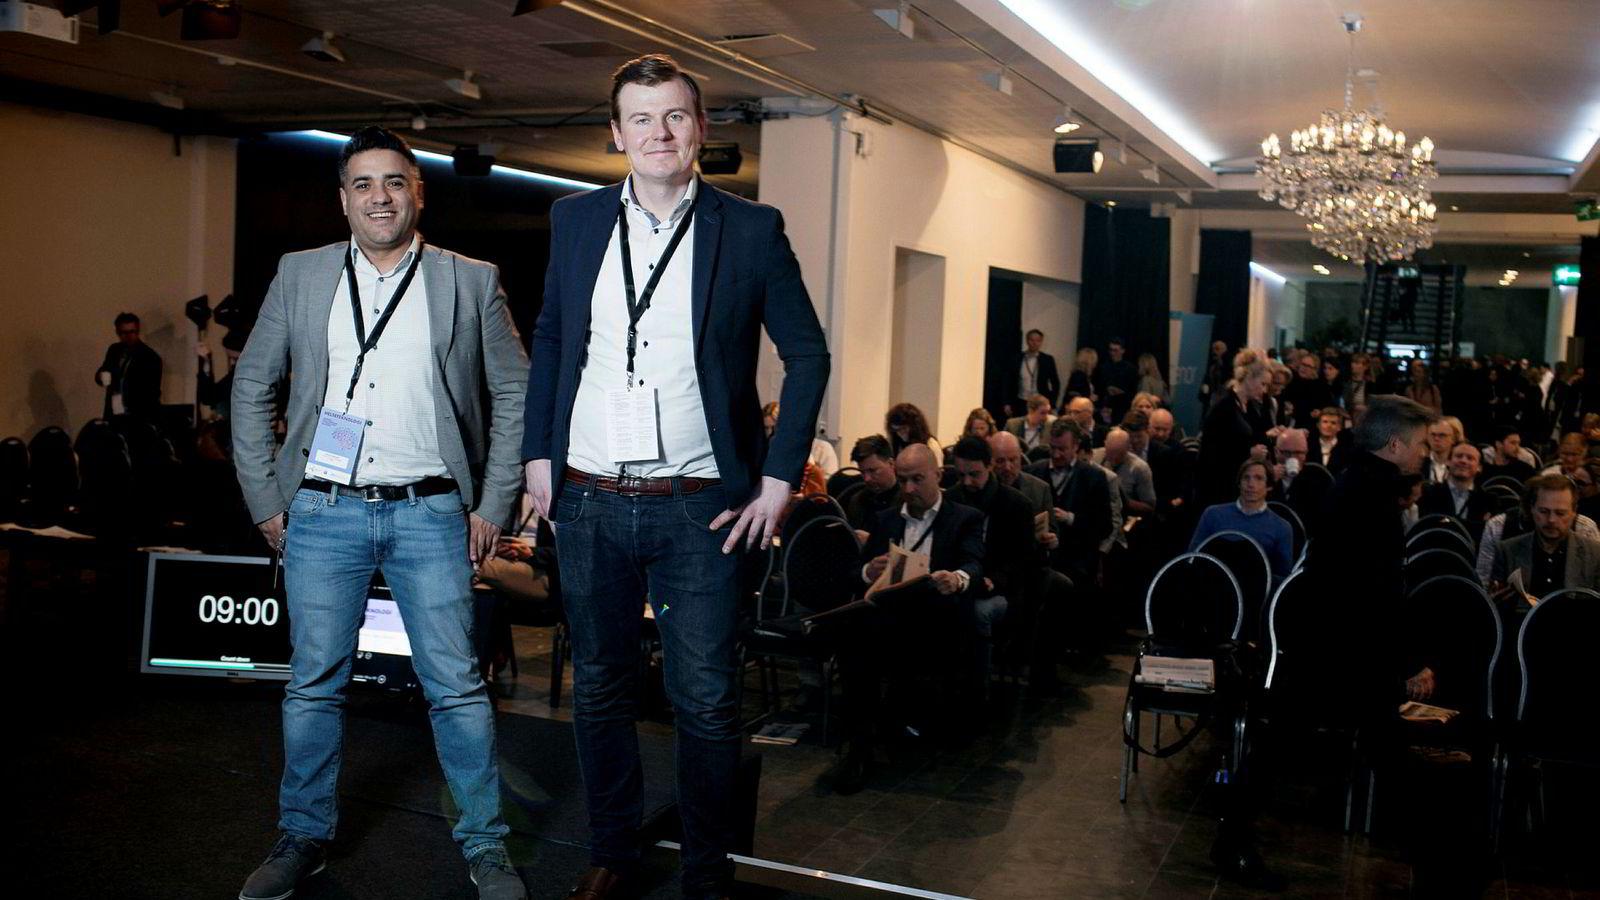 Soheil Dabestani (til venstre) og Petter Risøe holdt innlegg på DNs helseteknologikonferanse tirsdag. De har laget et system de mener blant annet kan halvere tiden helsepersonell bruker på å vandre mellom medisinrom, vaktrom og pasienters rom.